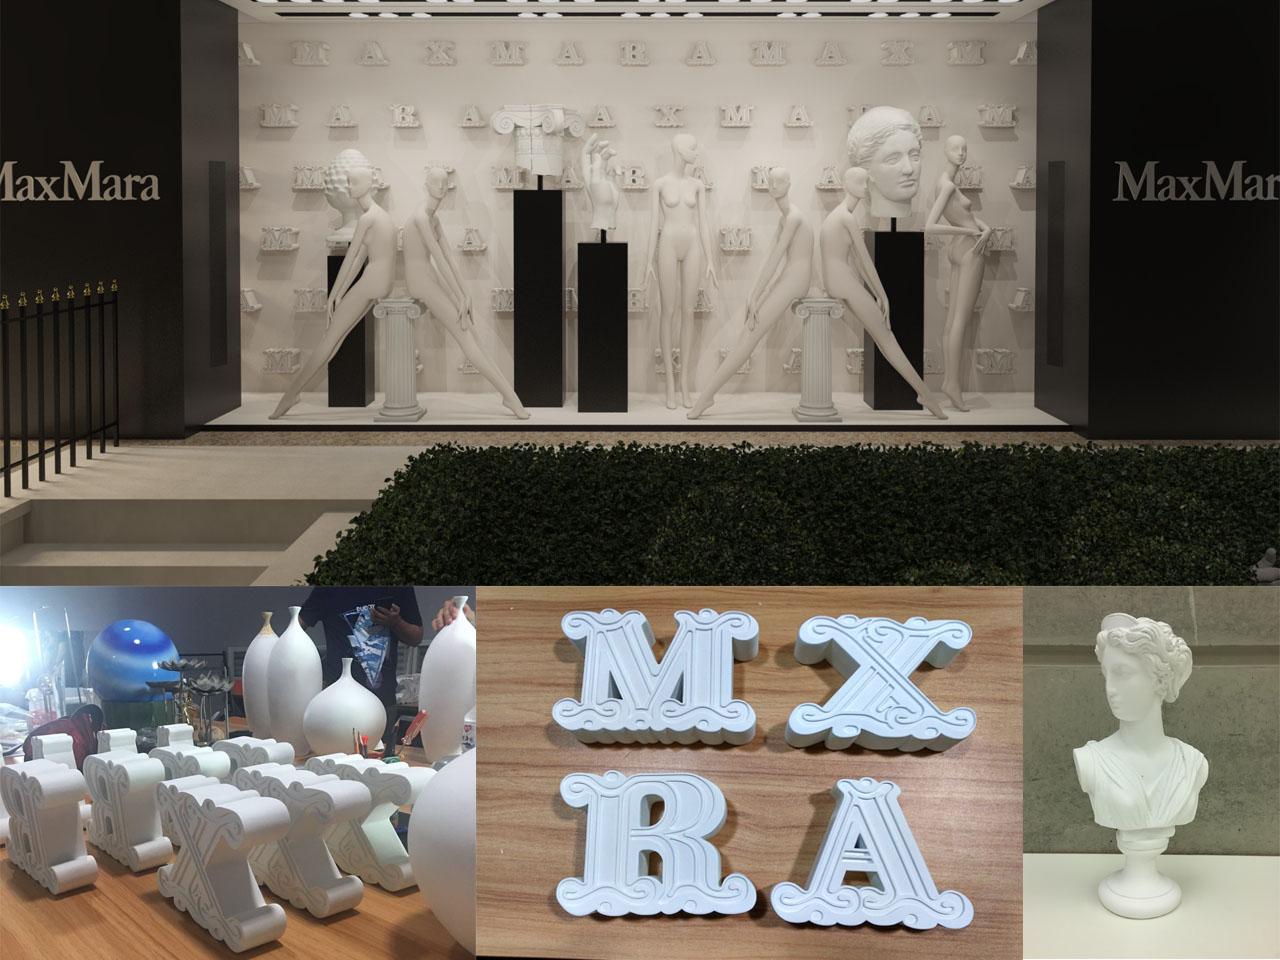 MaxMara Letters&Columns